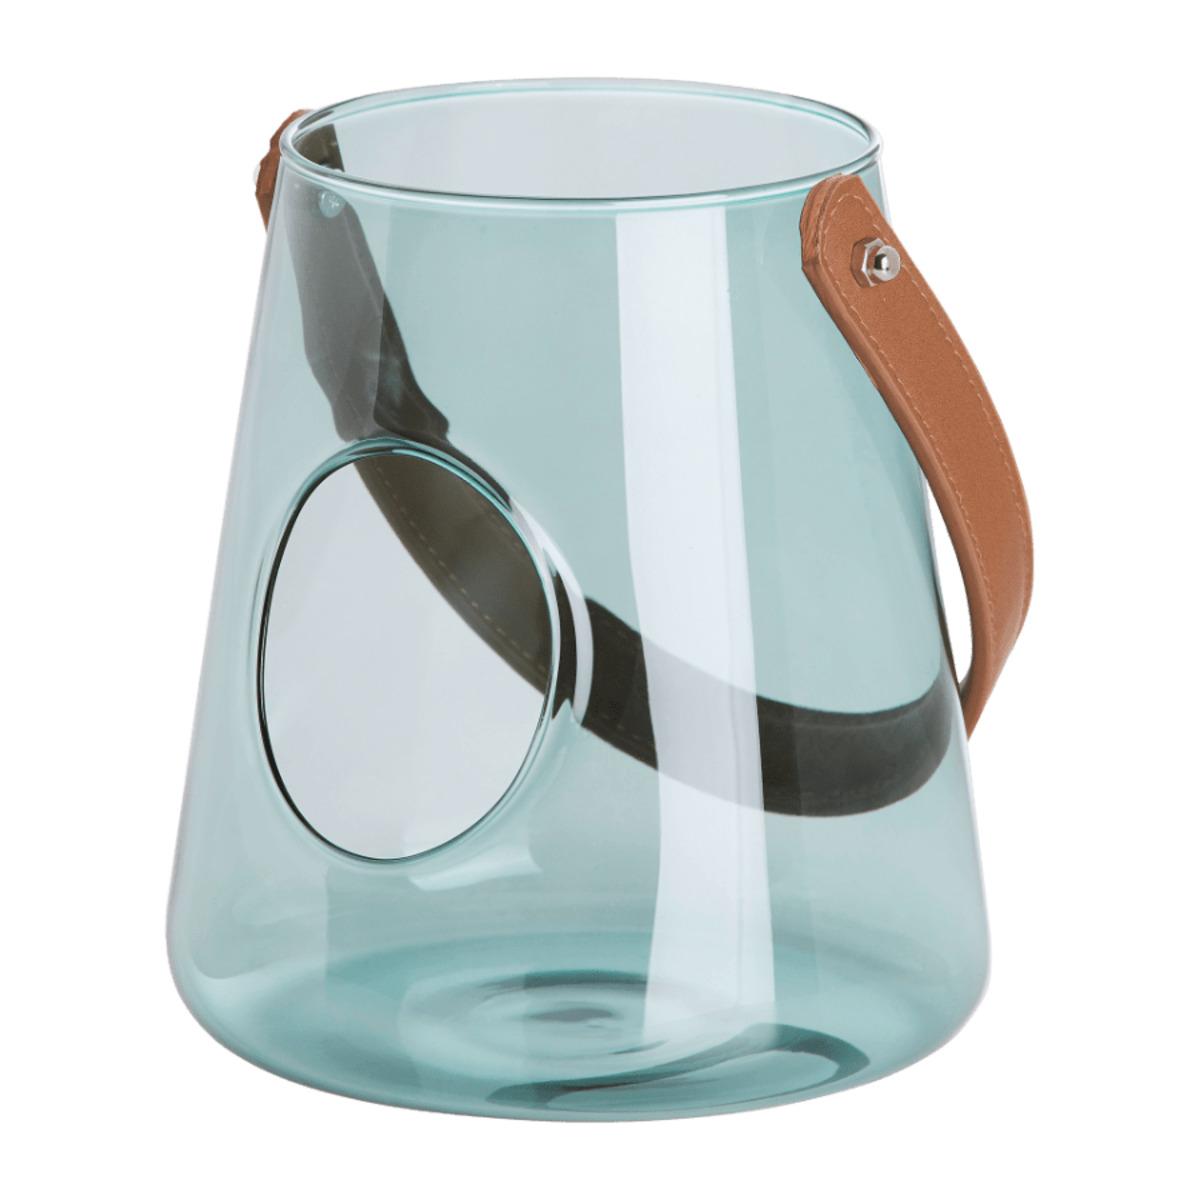 Bild 3 von LIVING ART     Glaswindlicht mit Henkel